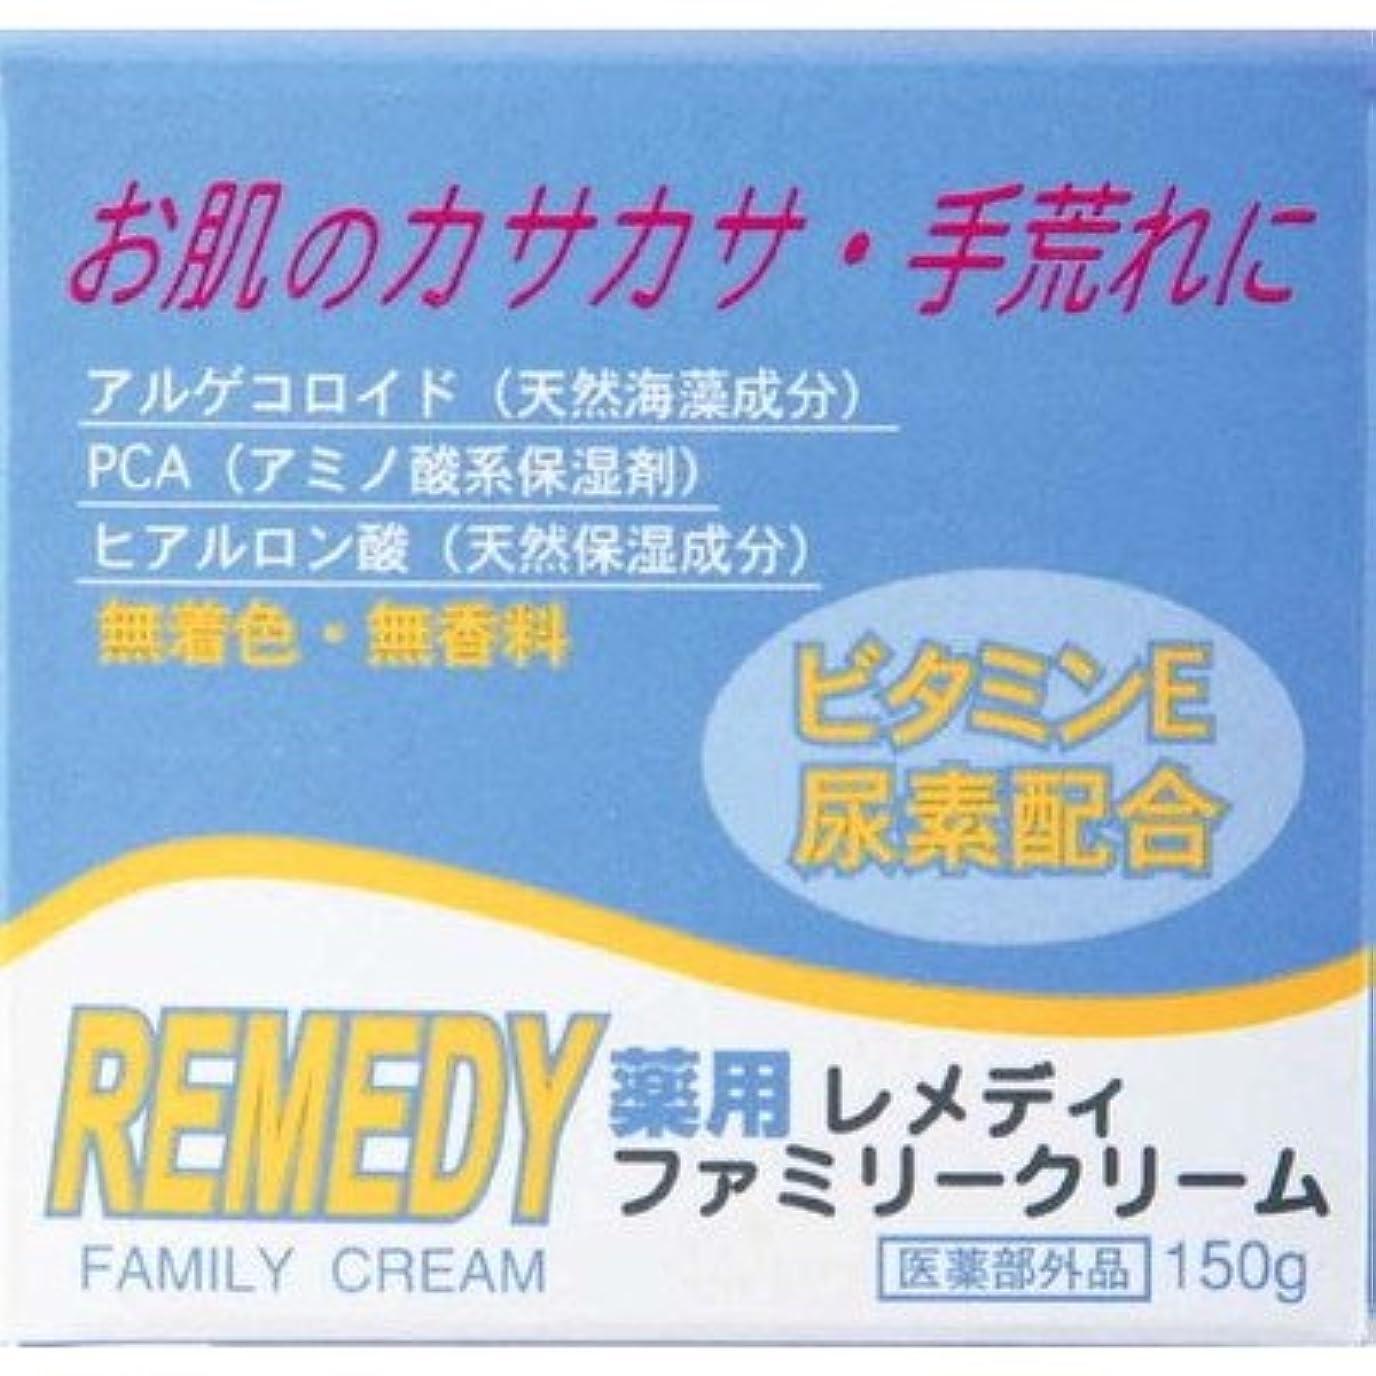 ヘロインお肉フィード【医薬部外品】薬用レメディ ファミリークリーム 150g